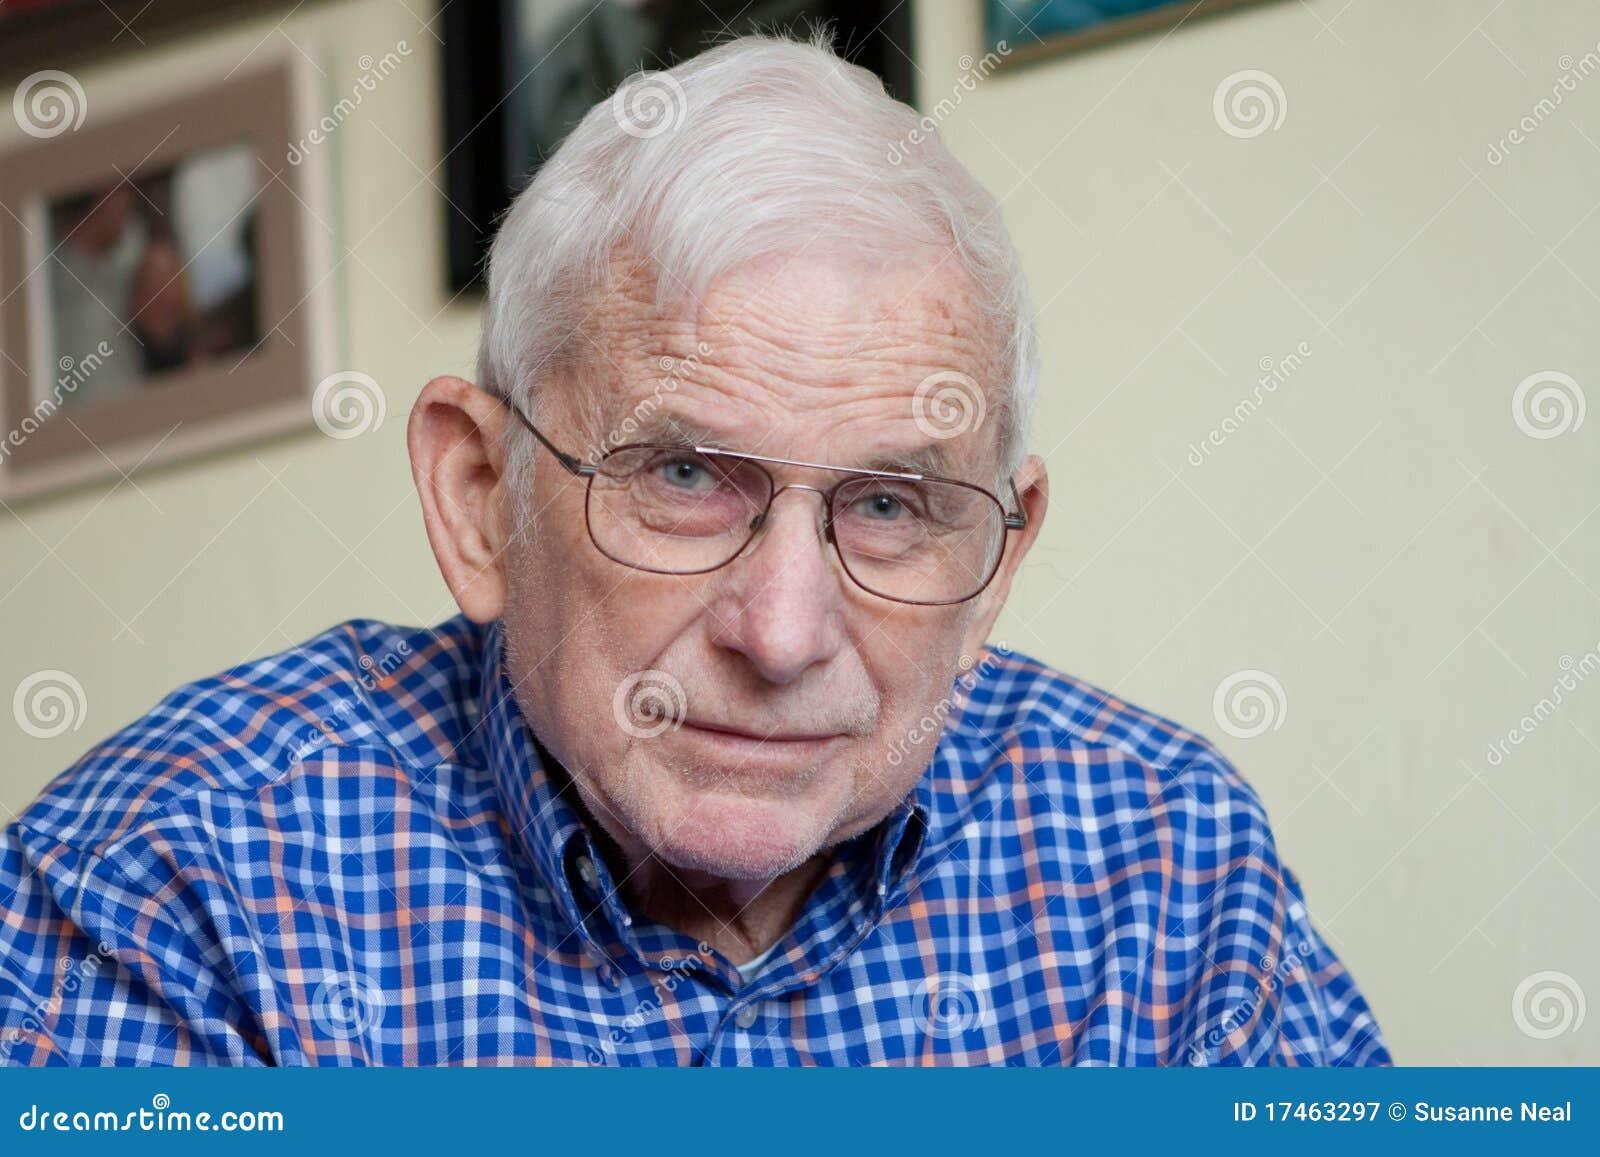 Can free grandpa pics